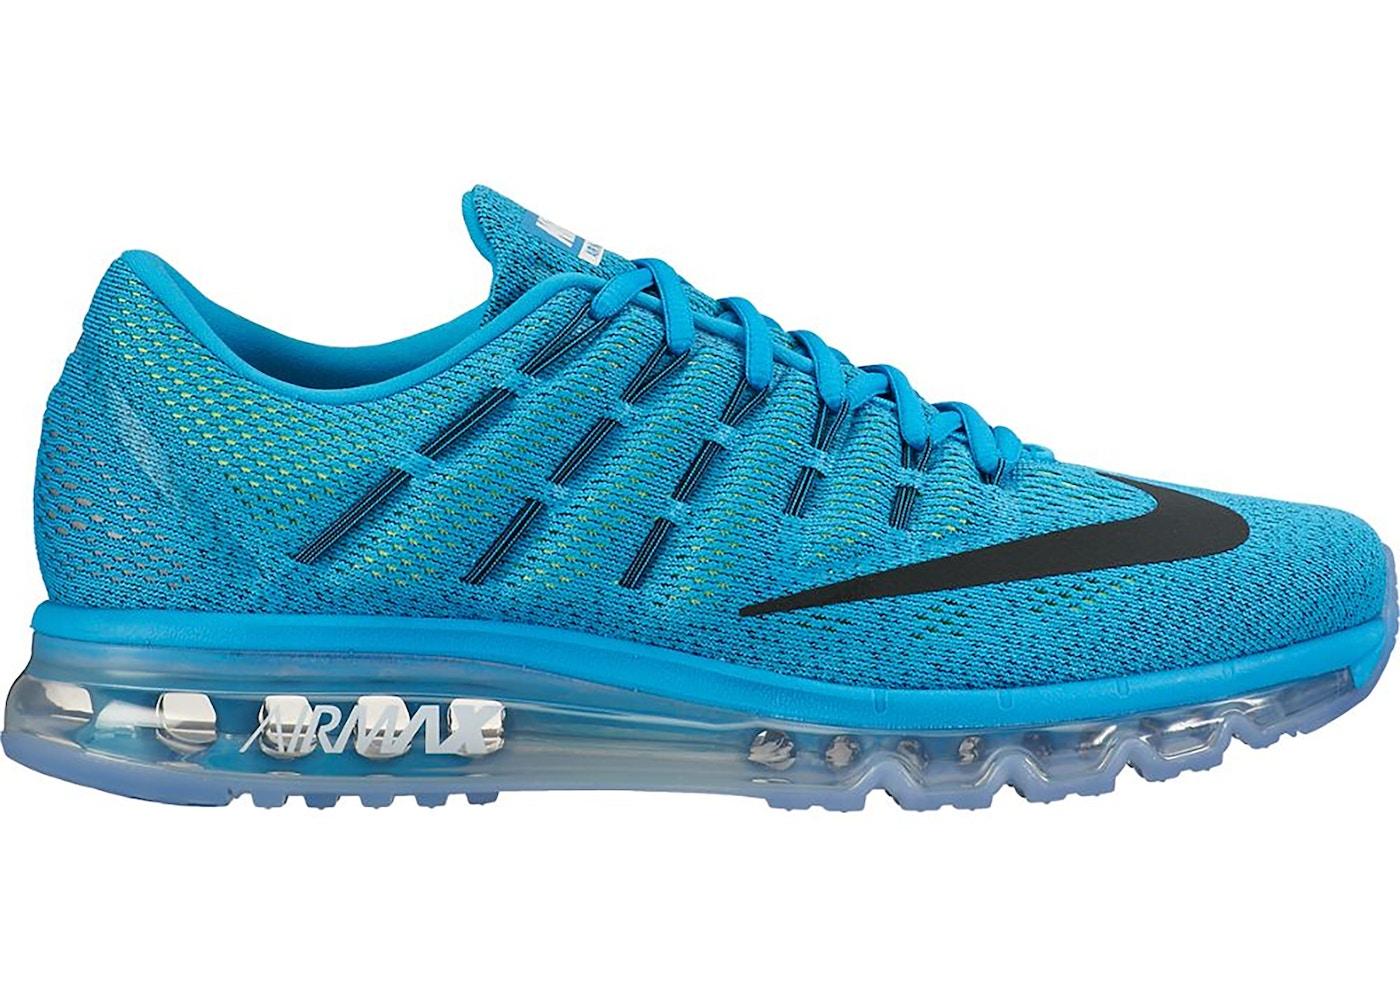 Nike Air Max 2016 Blue Lagoon